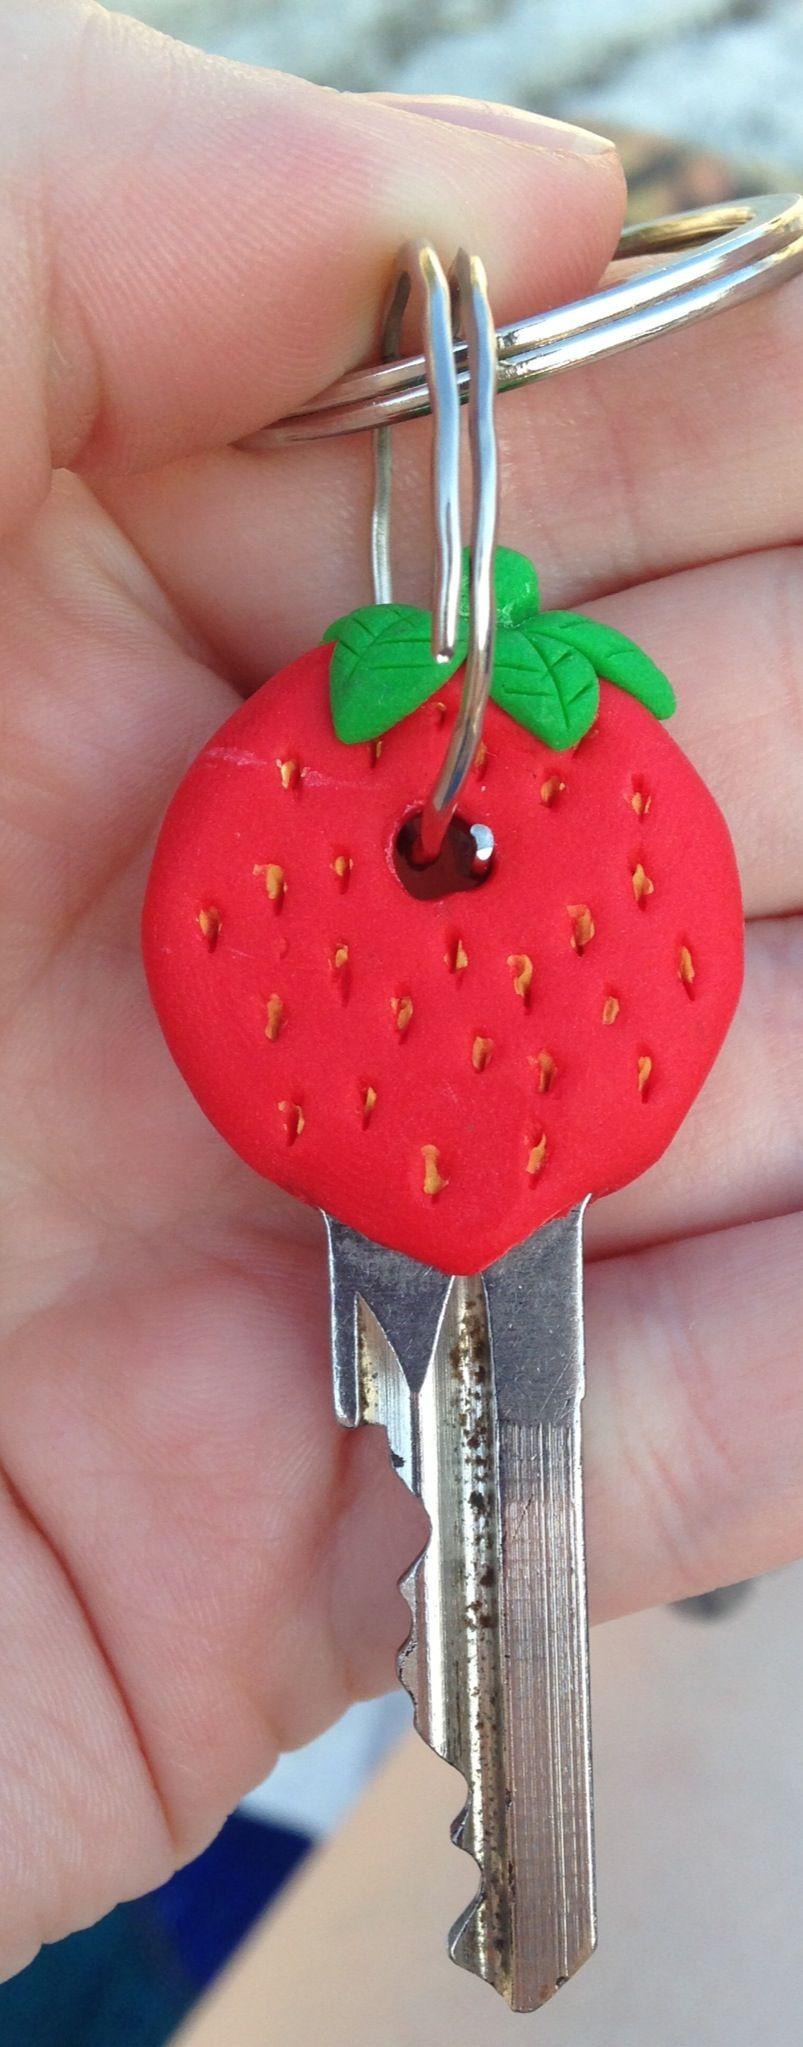 Strawberry on my keys :)